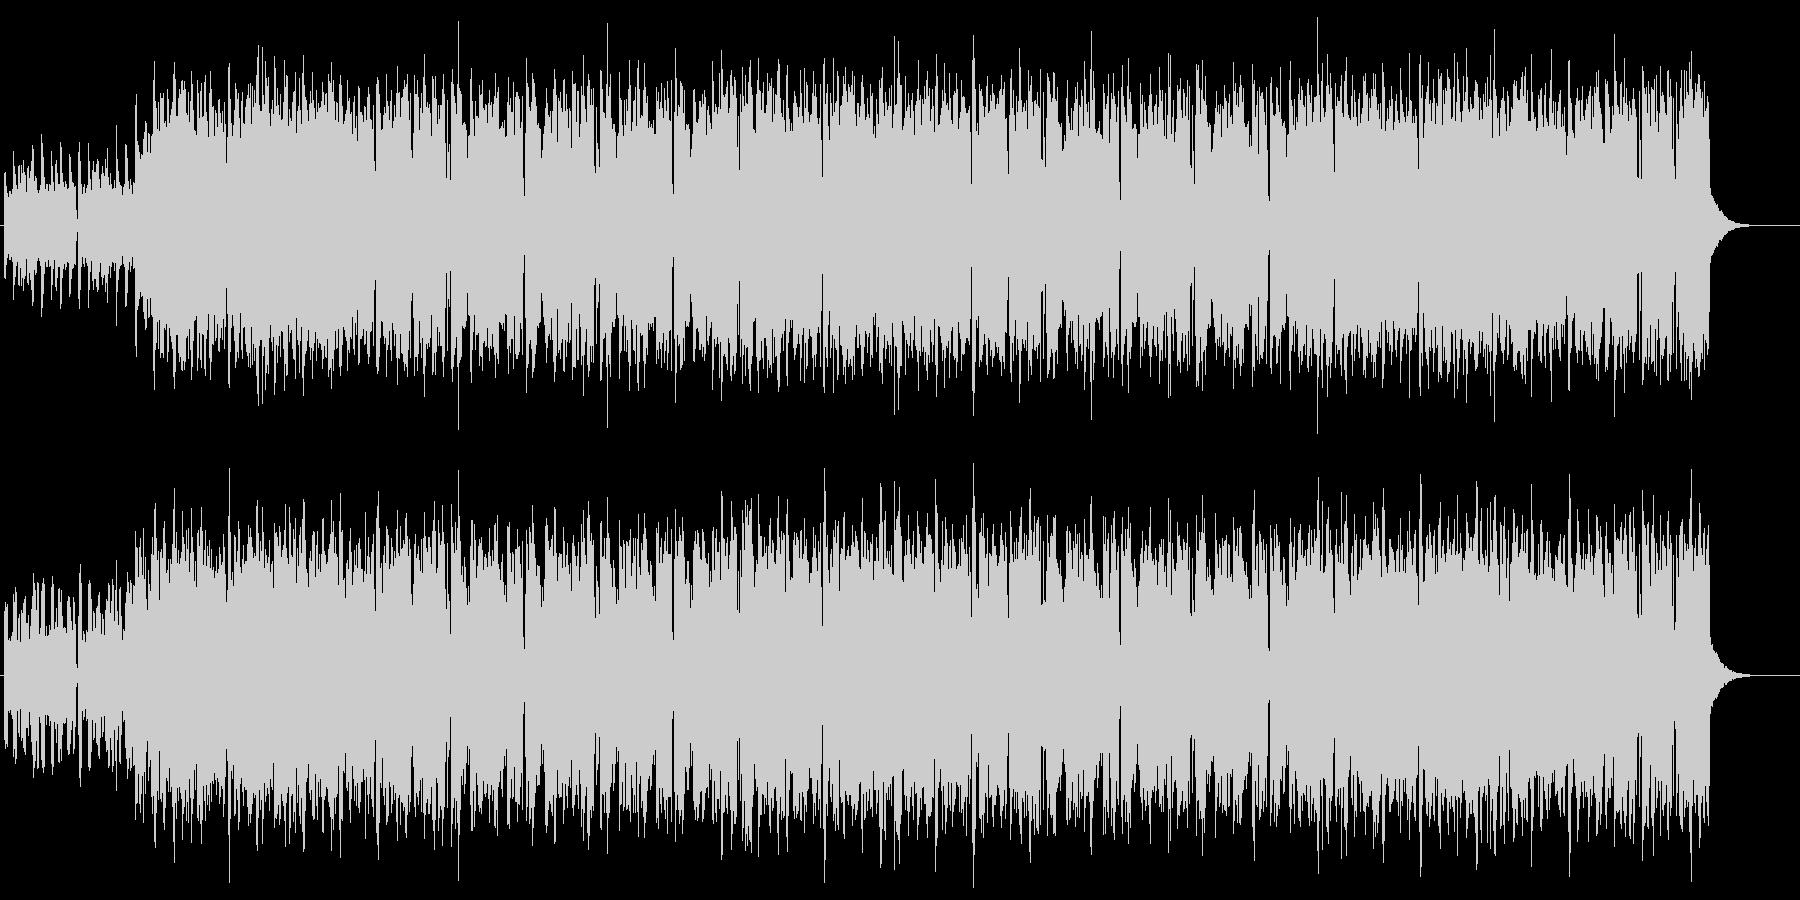 酒場イメージのフィドル&フルートケルト曲の未再生の波形